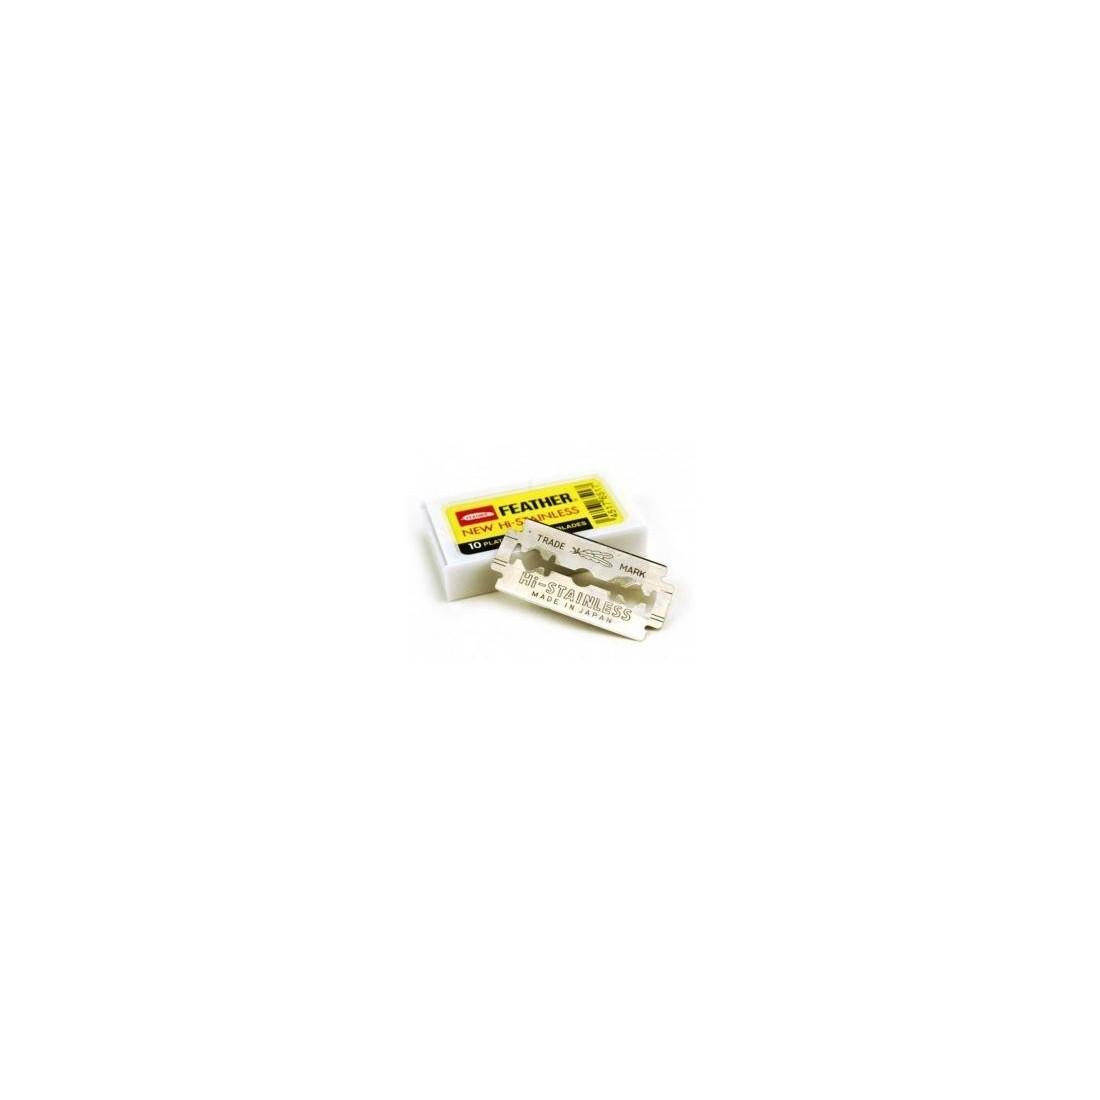 Ξυραφάκια Feather Platinum Yellow 10 Λεπίδες 1 Pack